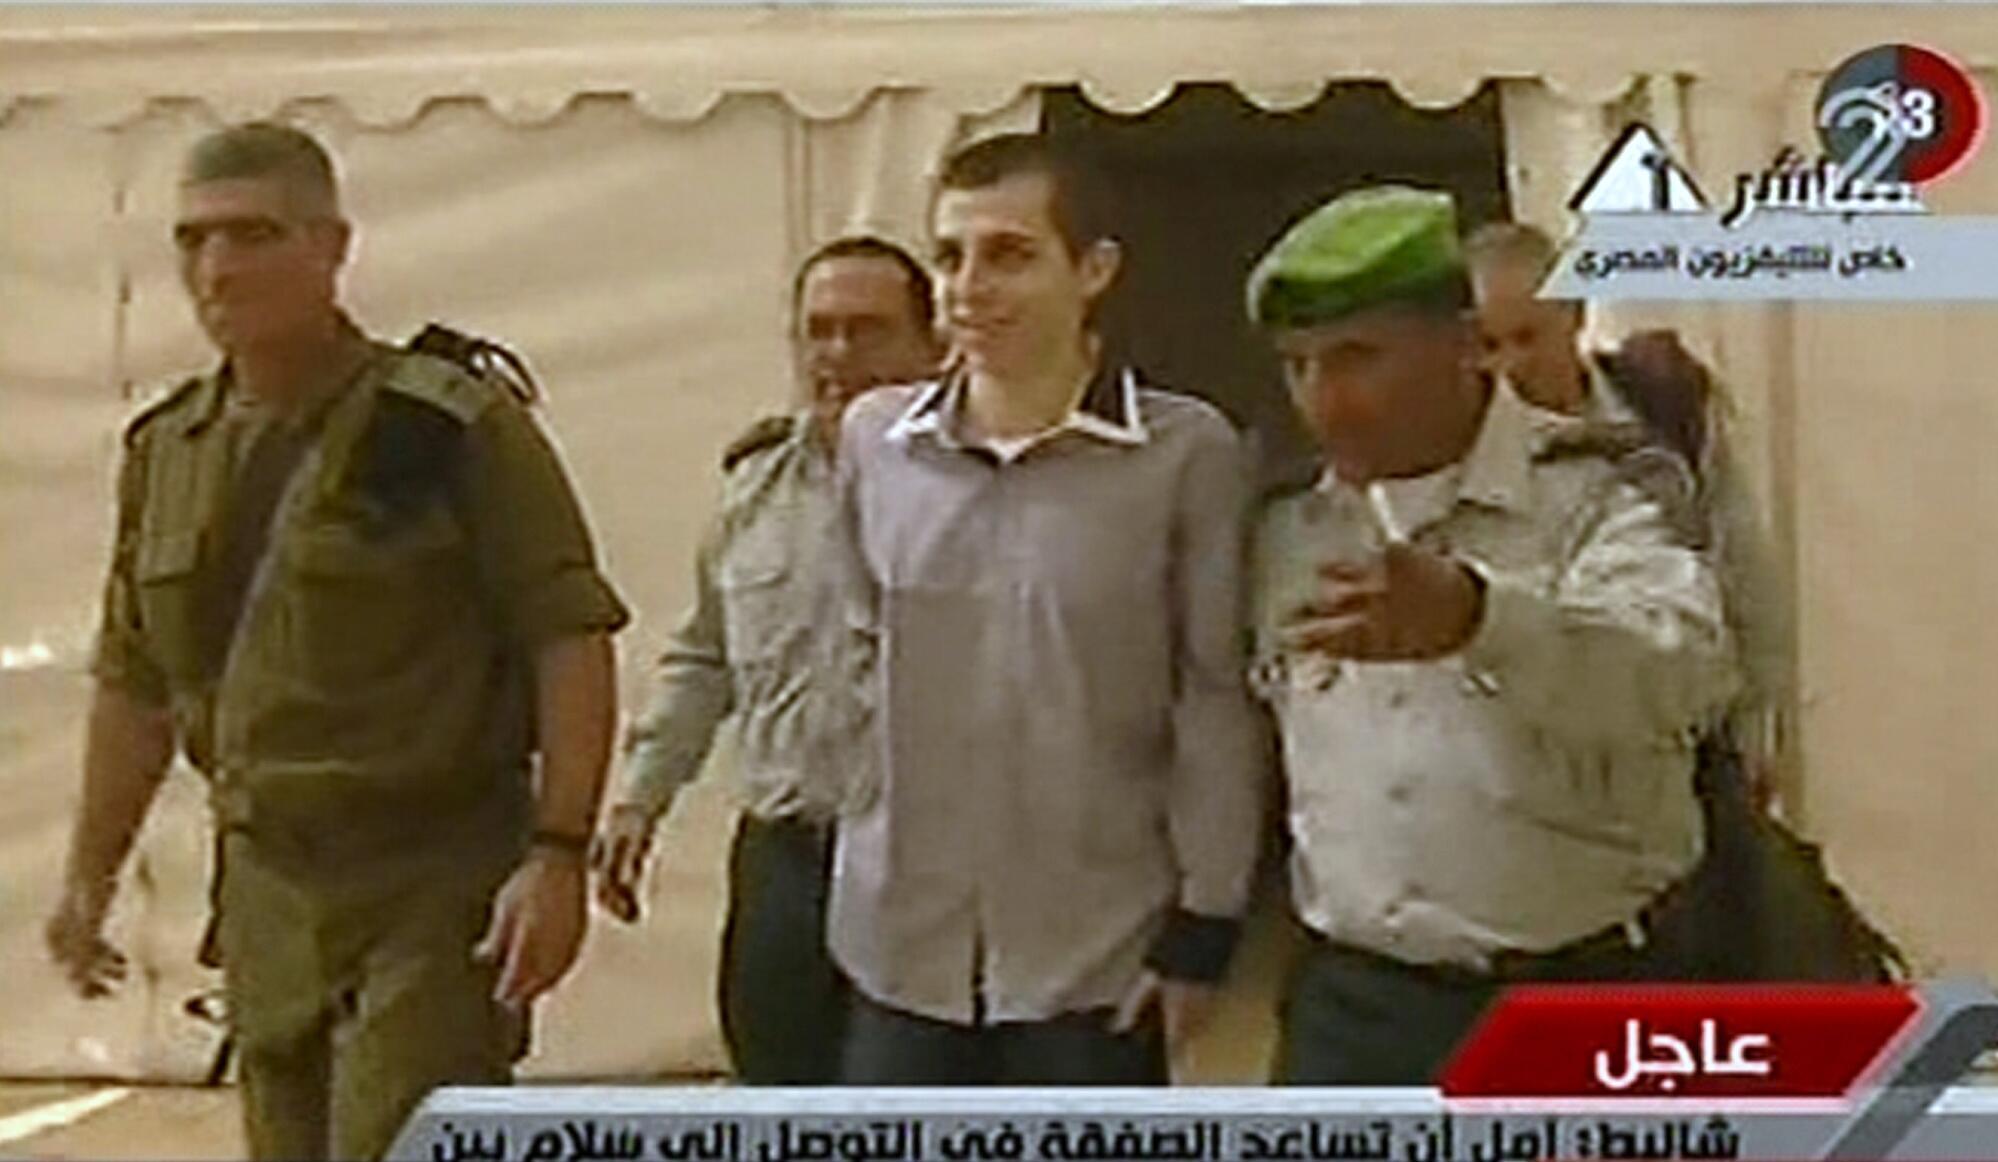 Soldado Gilad Shalit é acompanhado por autoridades do Hamas antes de ser solto.